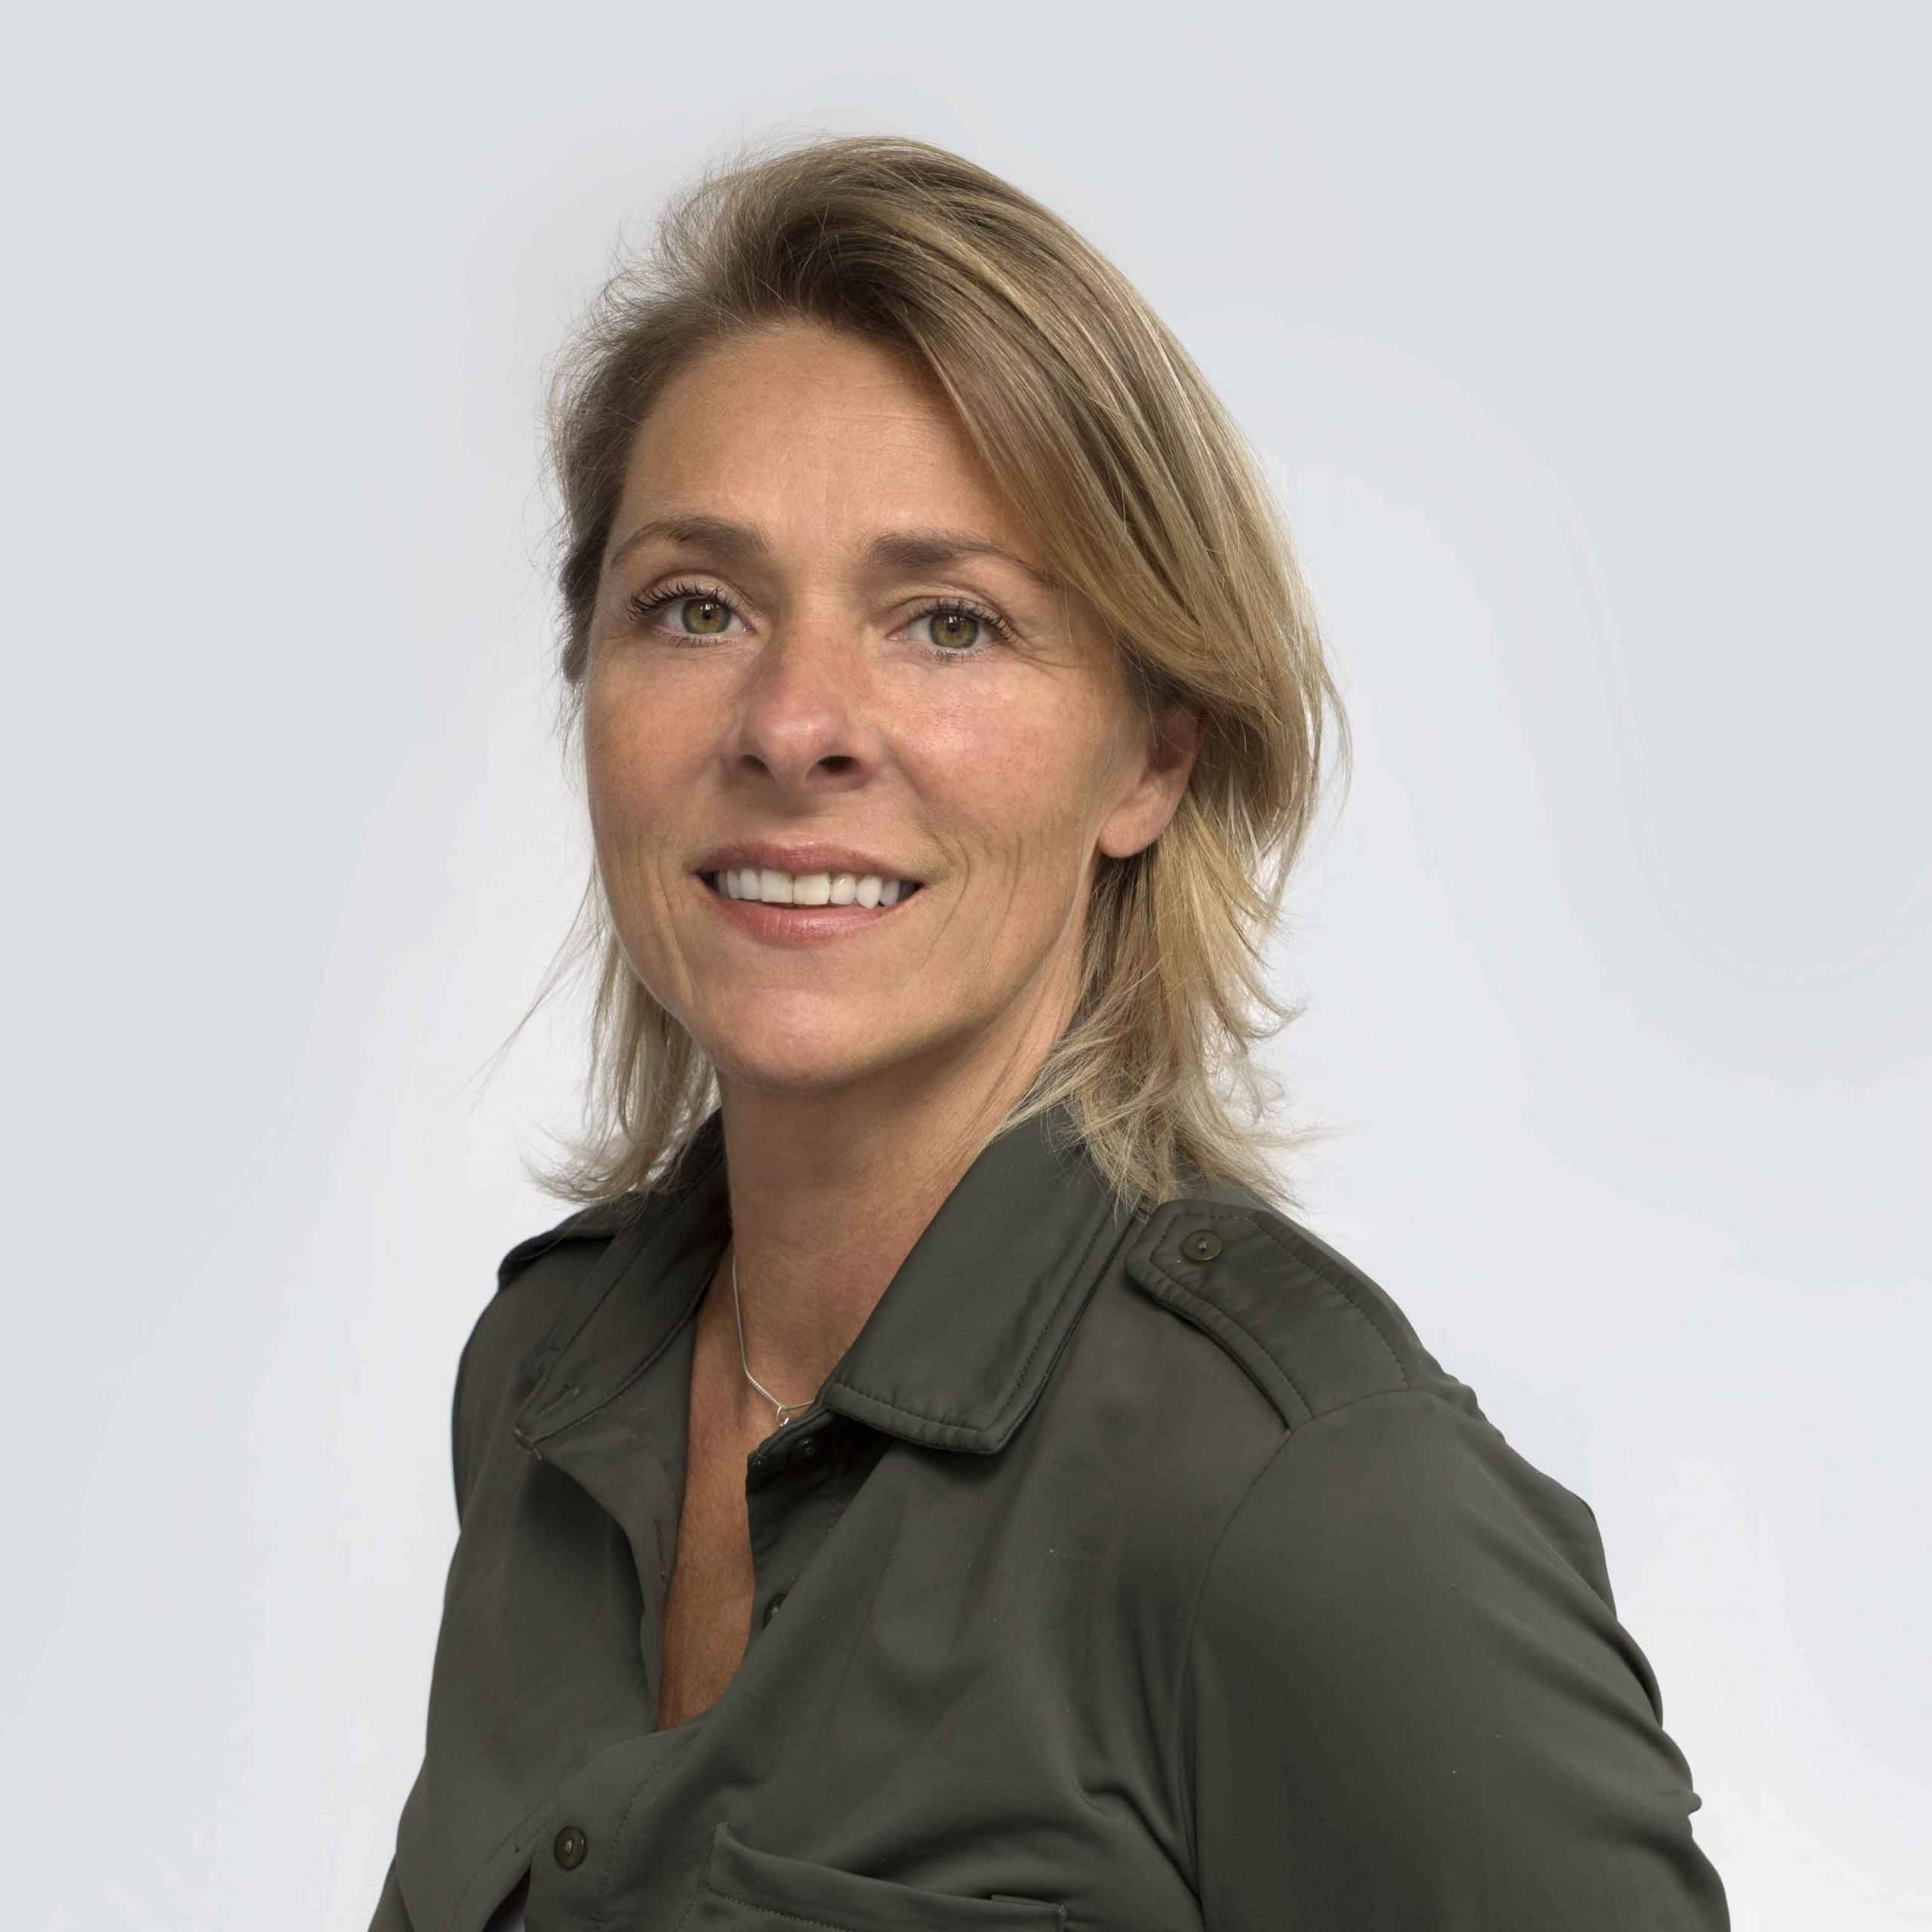 Monique van Loon